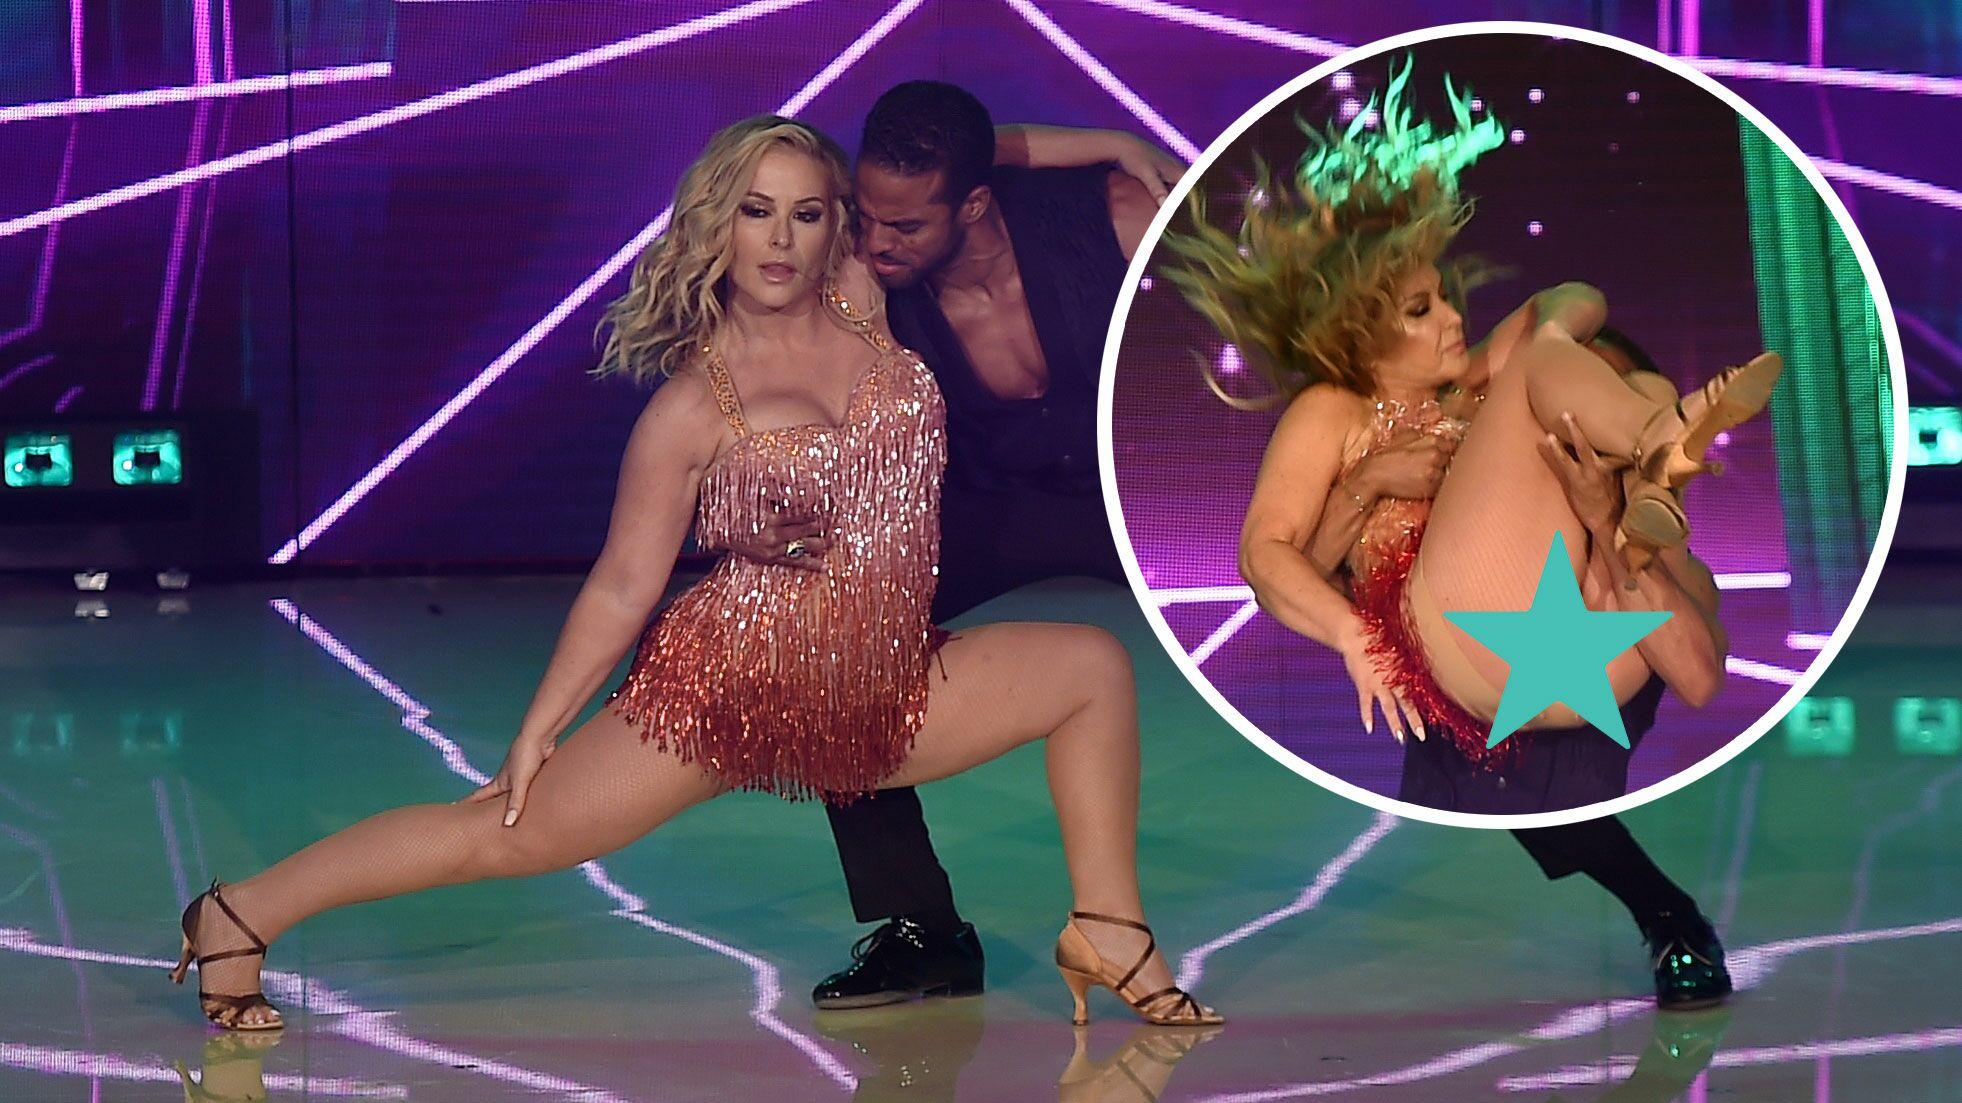 Photos Accident De Robe Anastacia Se Retrouve Les Fesses A L Air Libre Dans Danse Avec Les Stars Voici